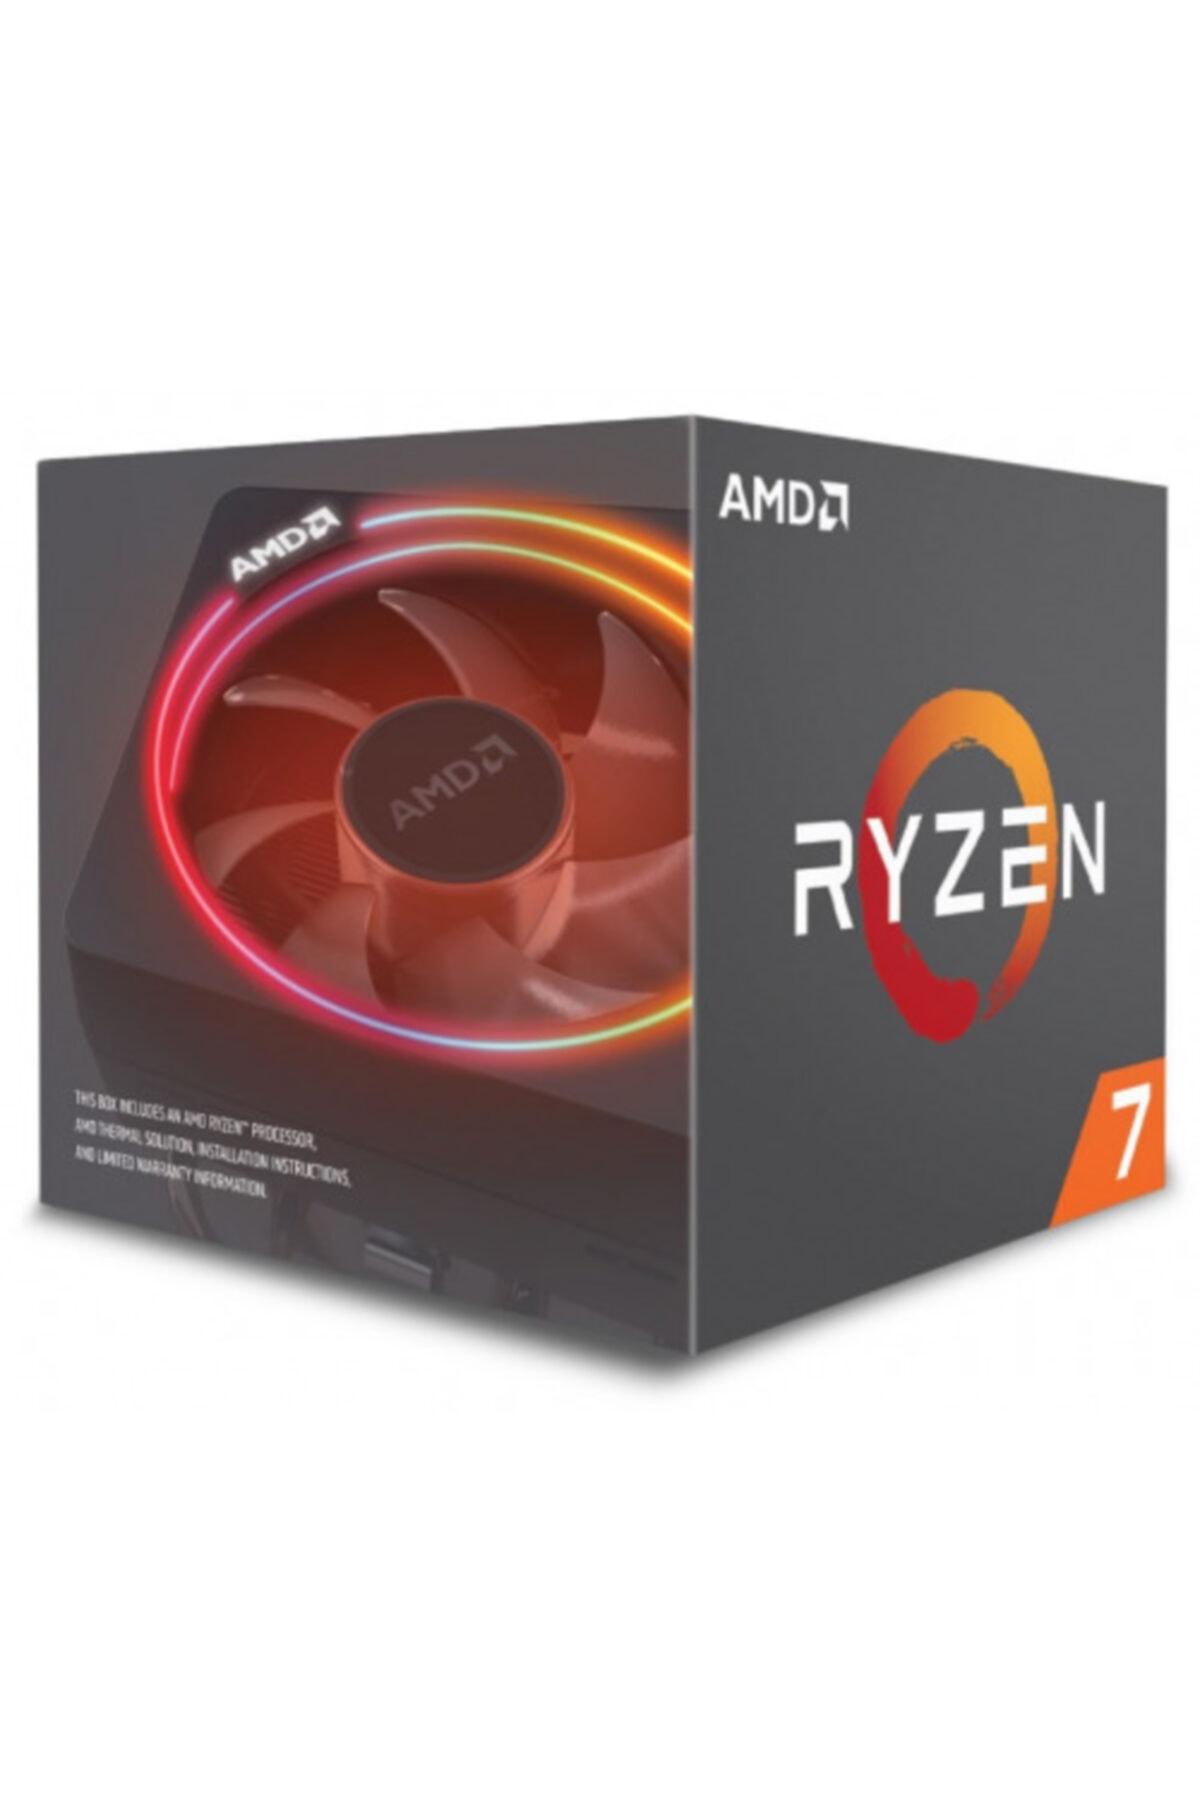 Amd Ryzen 7 2700x 8 Core, 3,70-4.30ghz 105w Rgb Led Wraith Prizma Fan Am4 Box 1